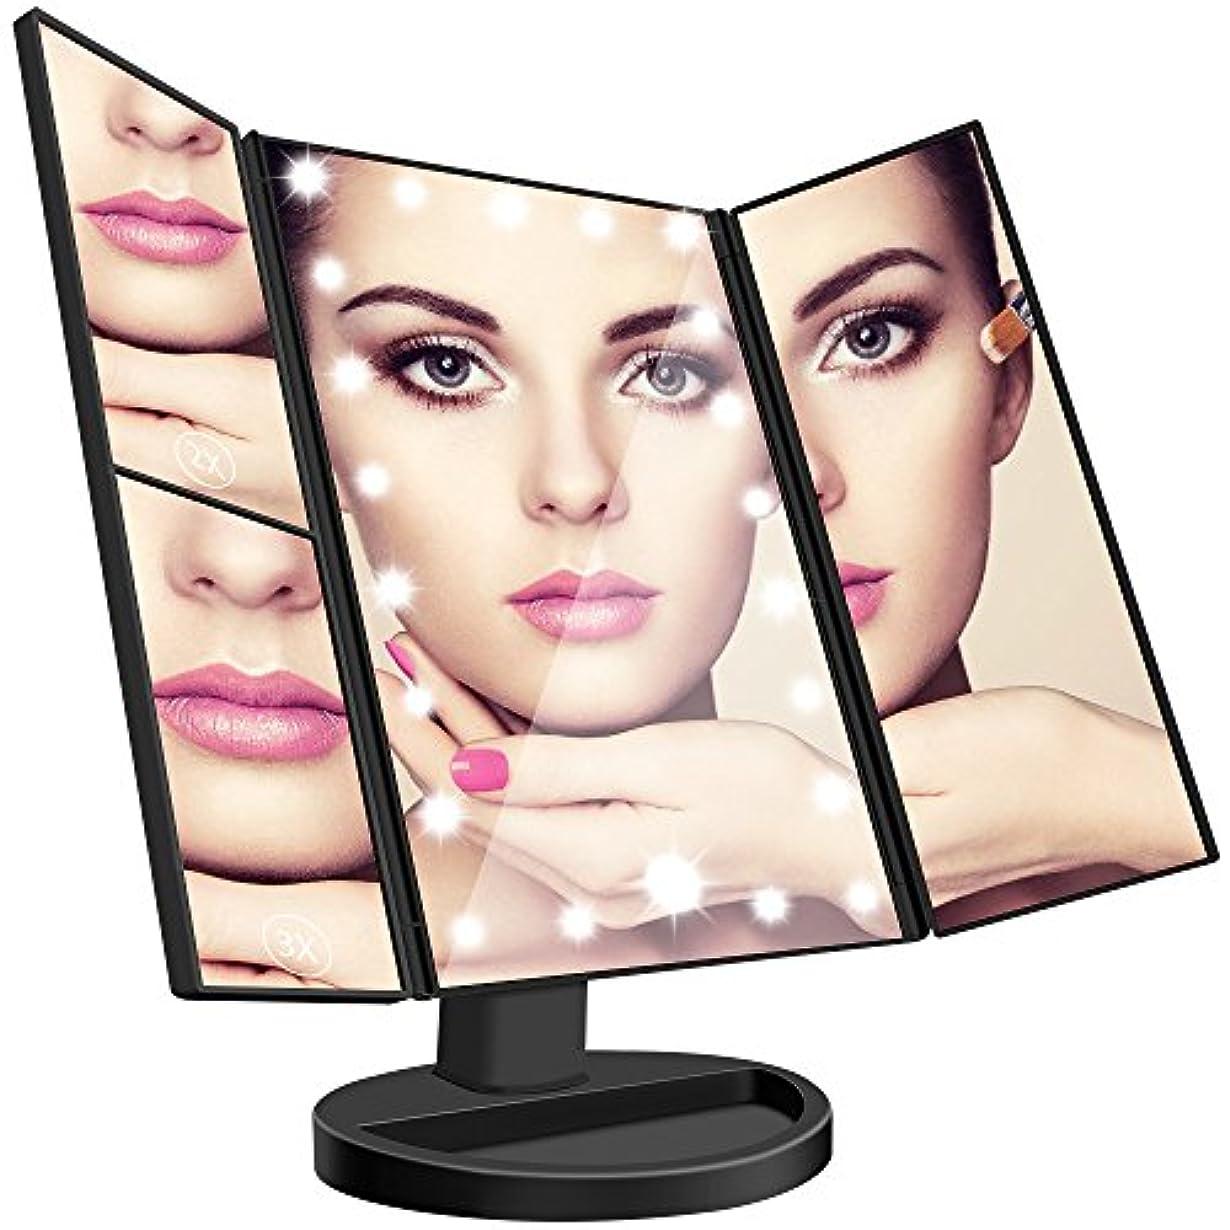 尊敬神経障害掃除Leeron 化粧鏡 LEDライト 卓上スタンドミラー 折りたたみ式三面鏡 2倍と3倍拡大鏡付き 180°回転 明るさ調整可能